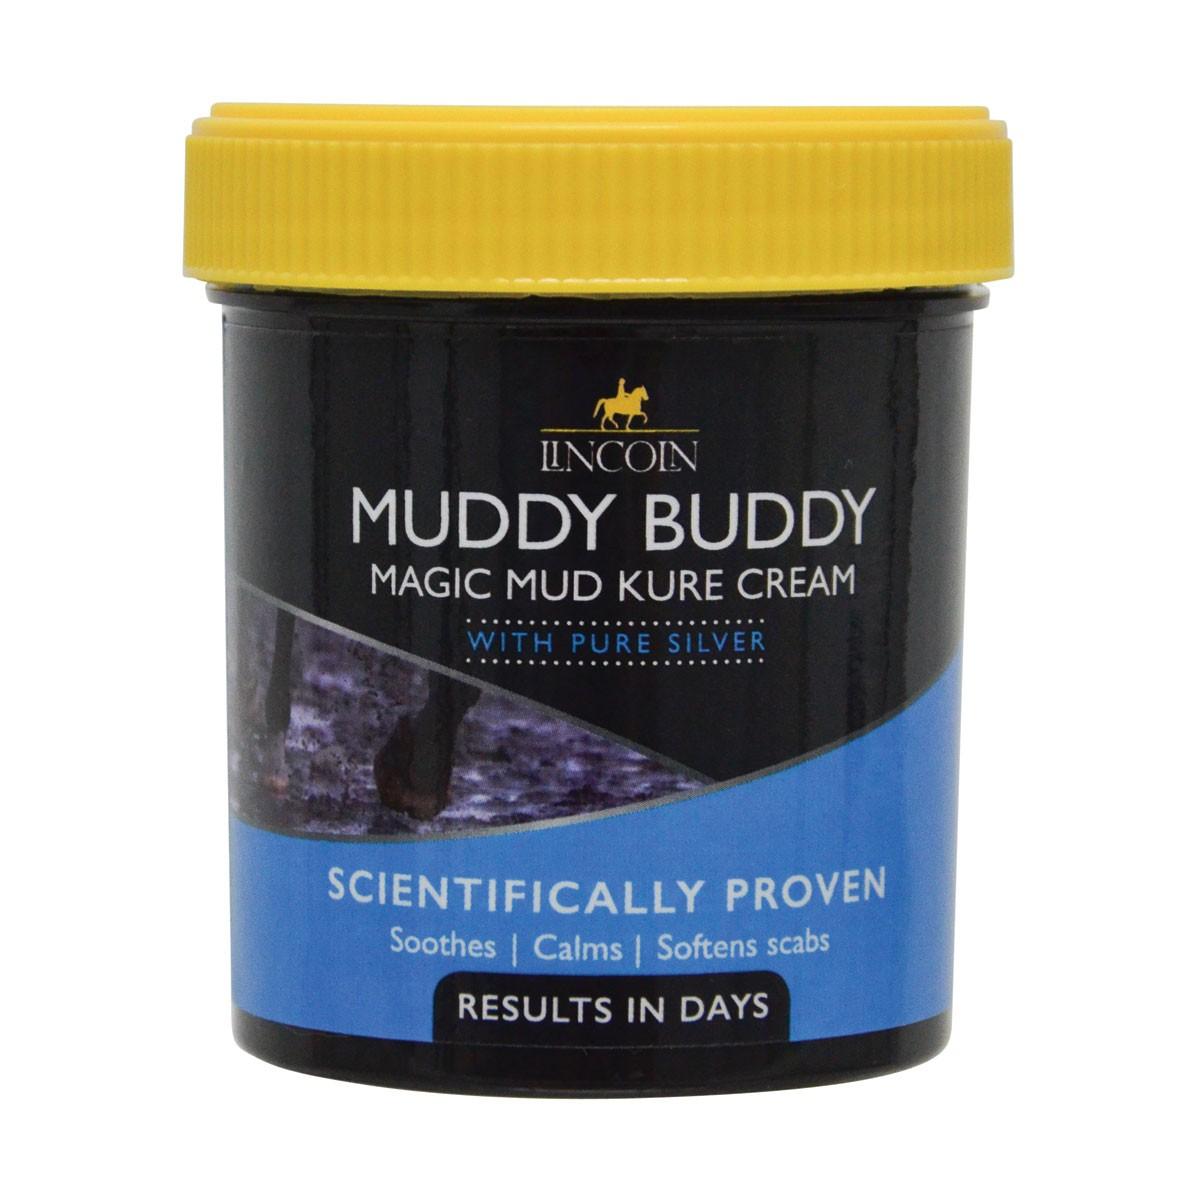 Lincoln Muddy Buddy Magic Mud Kure Cream